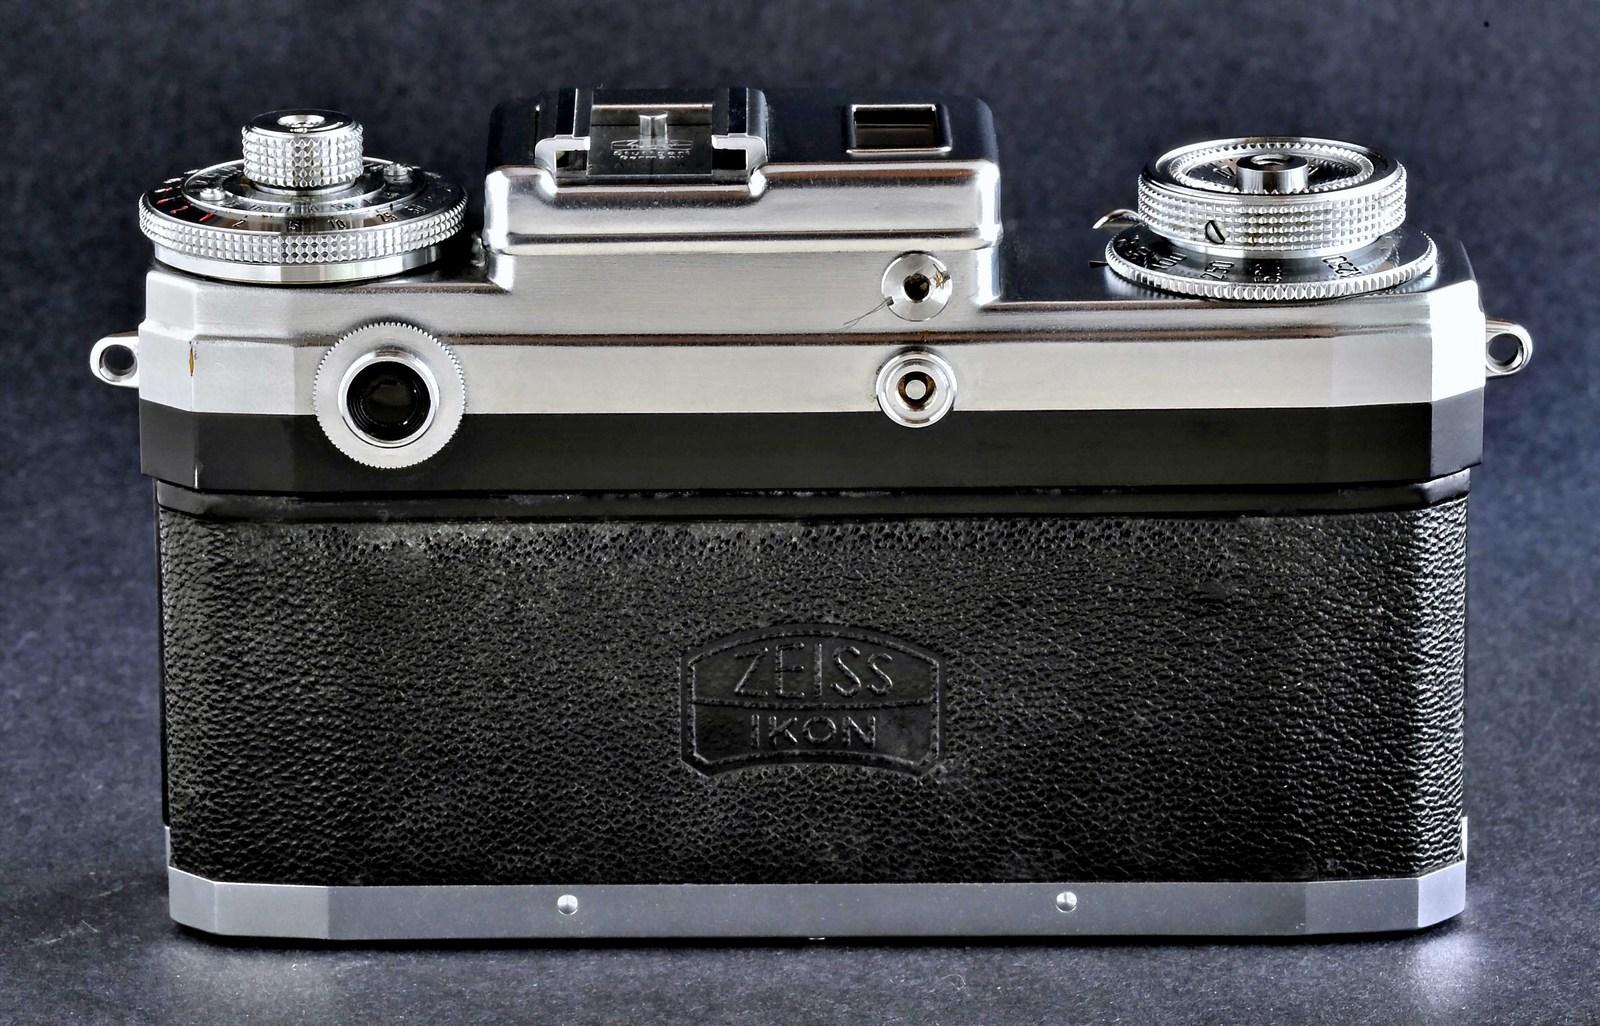 Contax IIIa Rangefinder 35mm Camera Zeiss Ikon Similar to Nikon S2